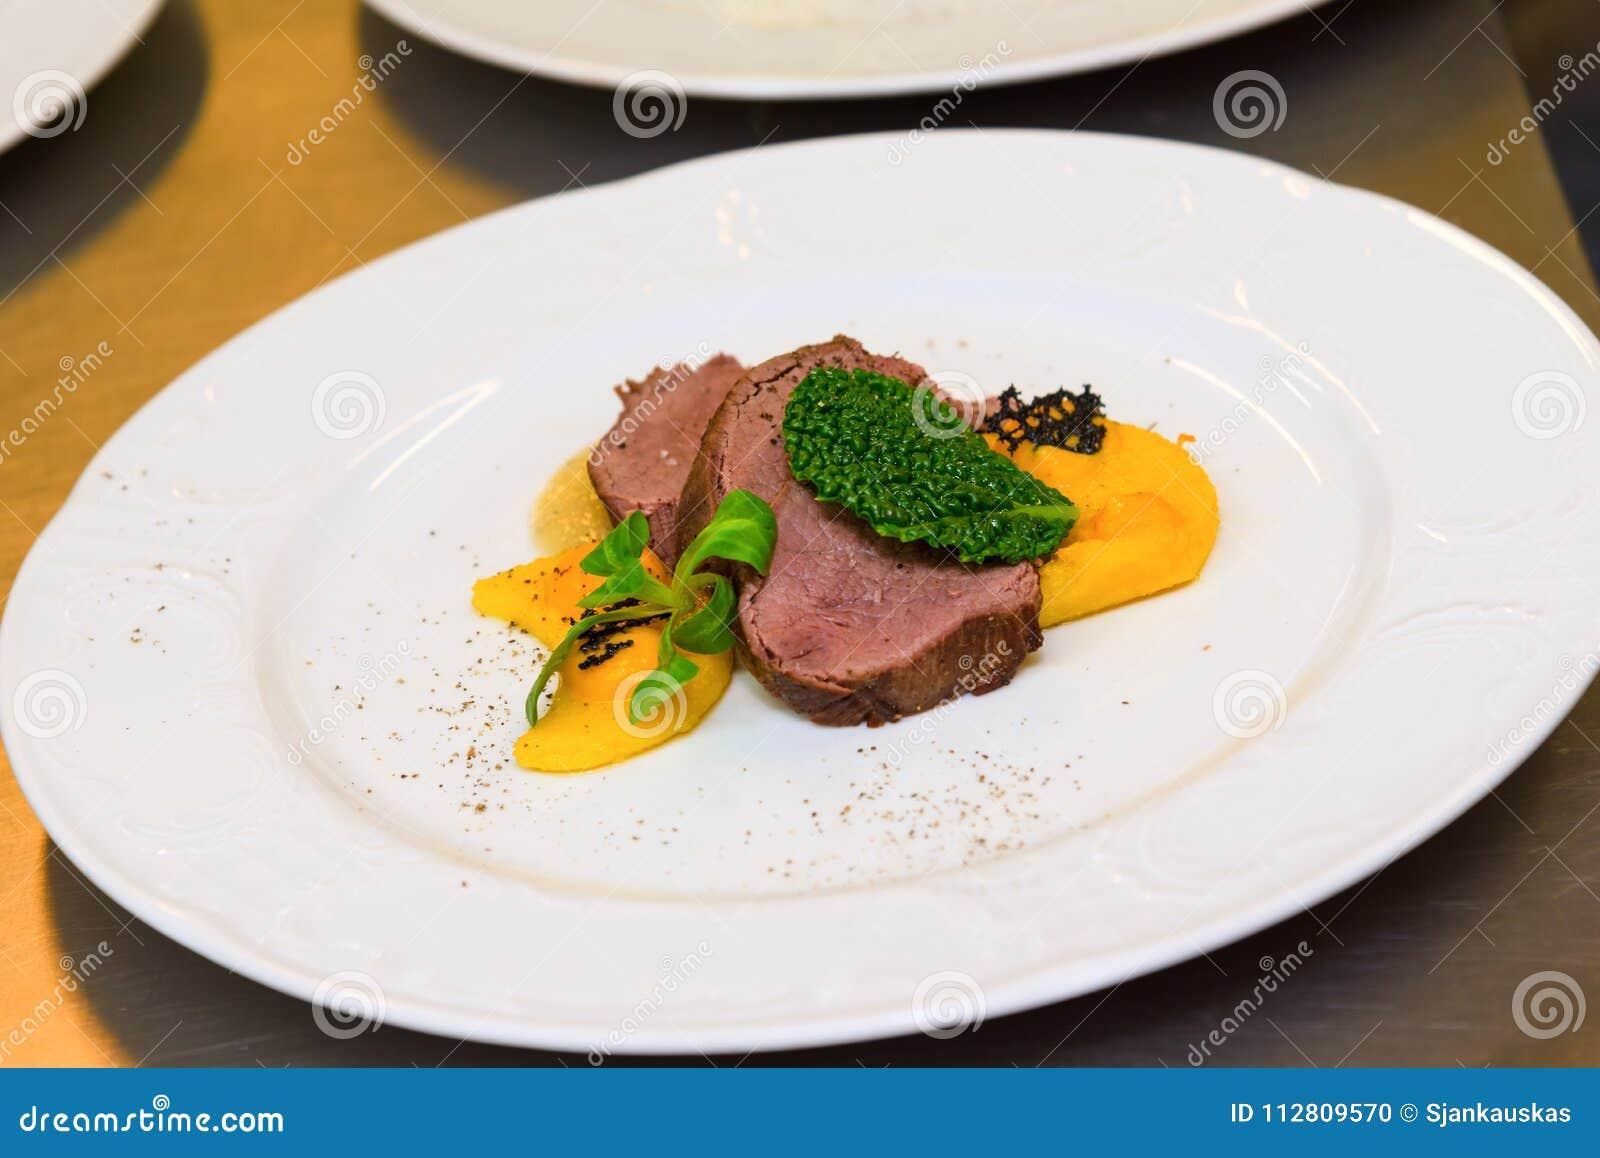 Venaison Repas gastronome